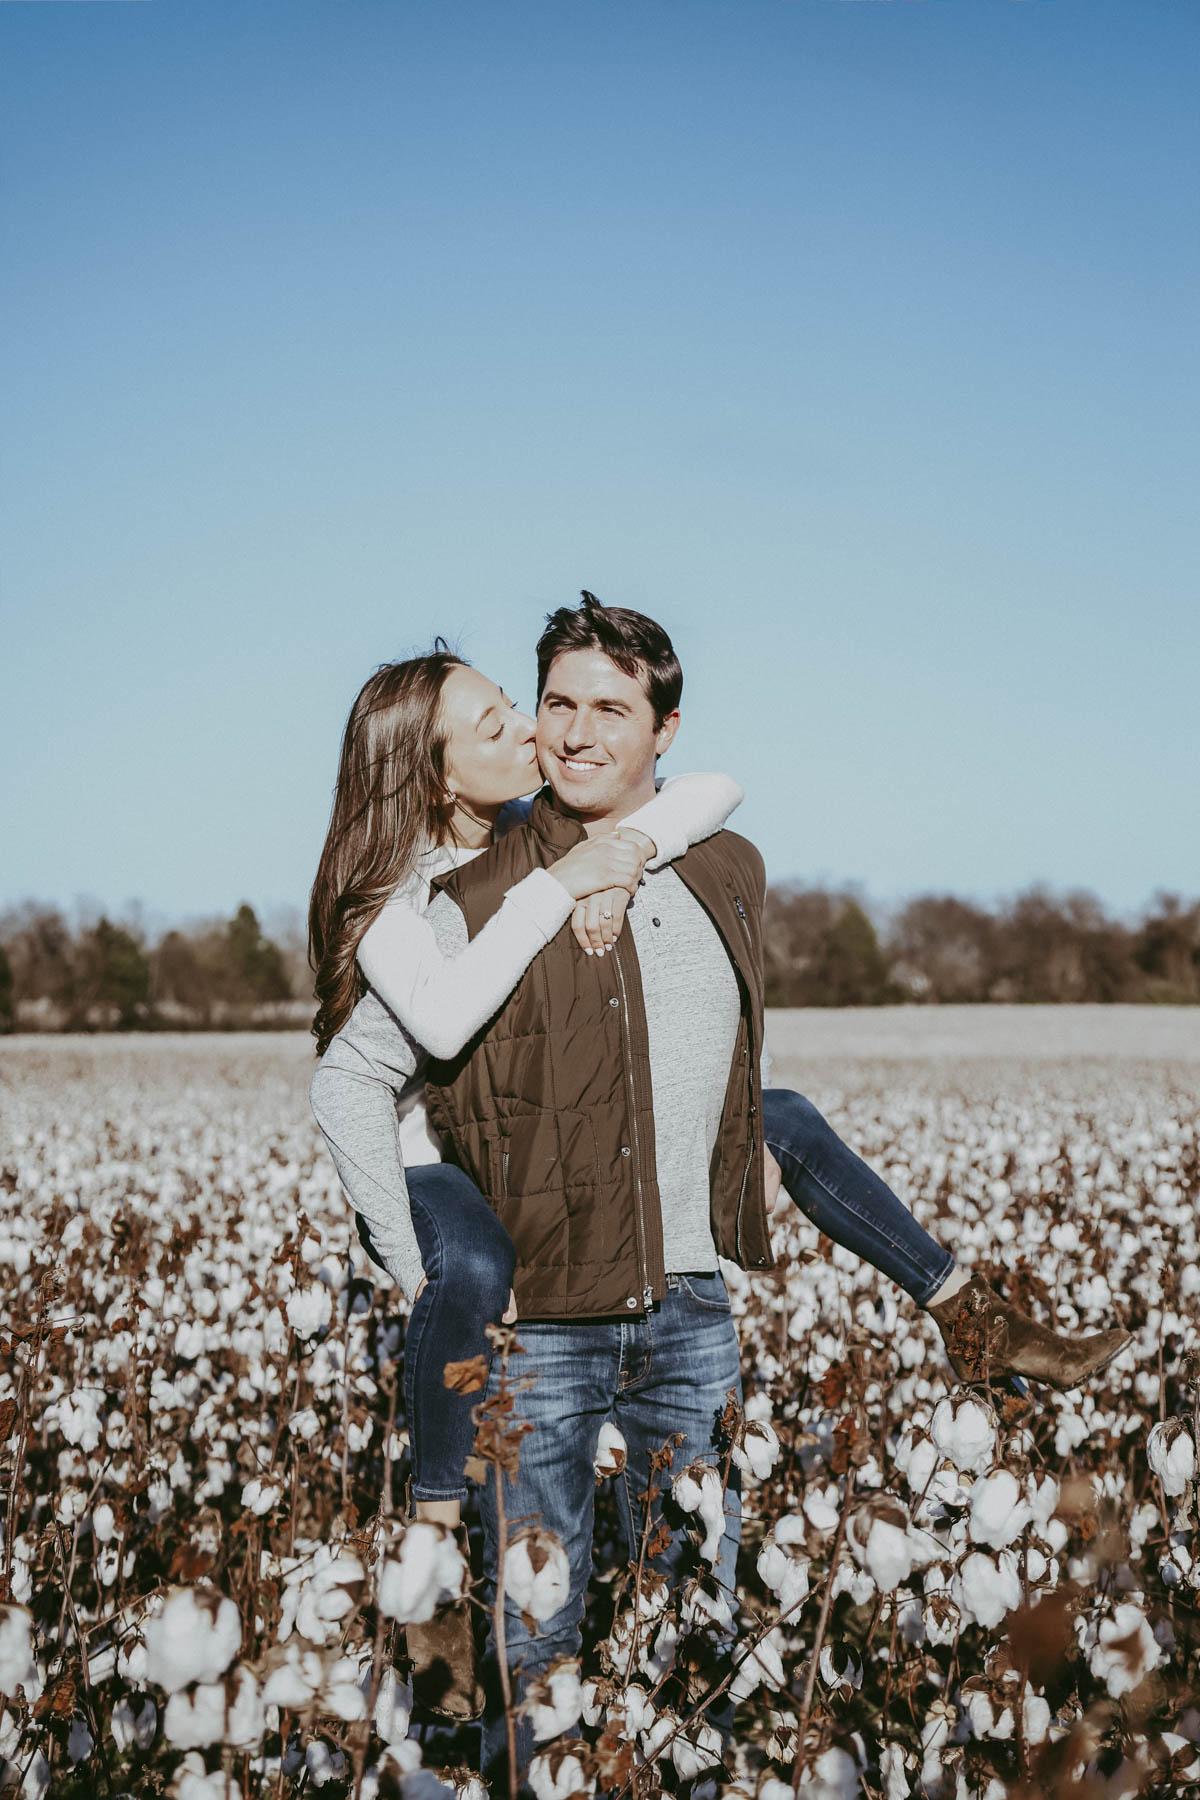 Nashville_Cotton_Field_Engagement-24.jpg